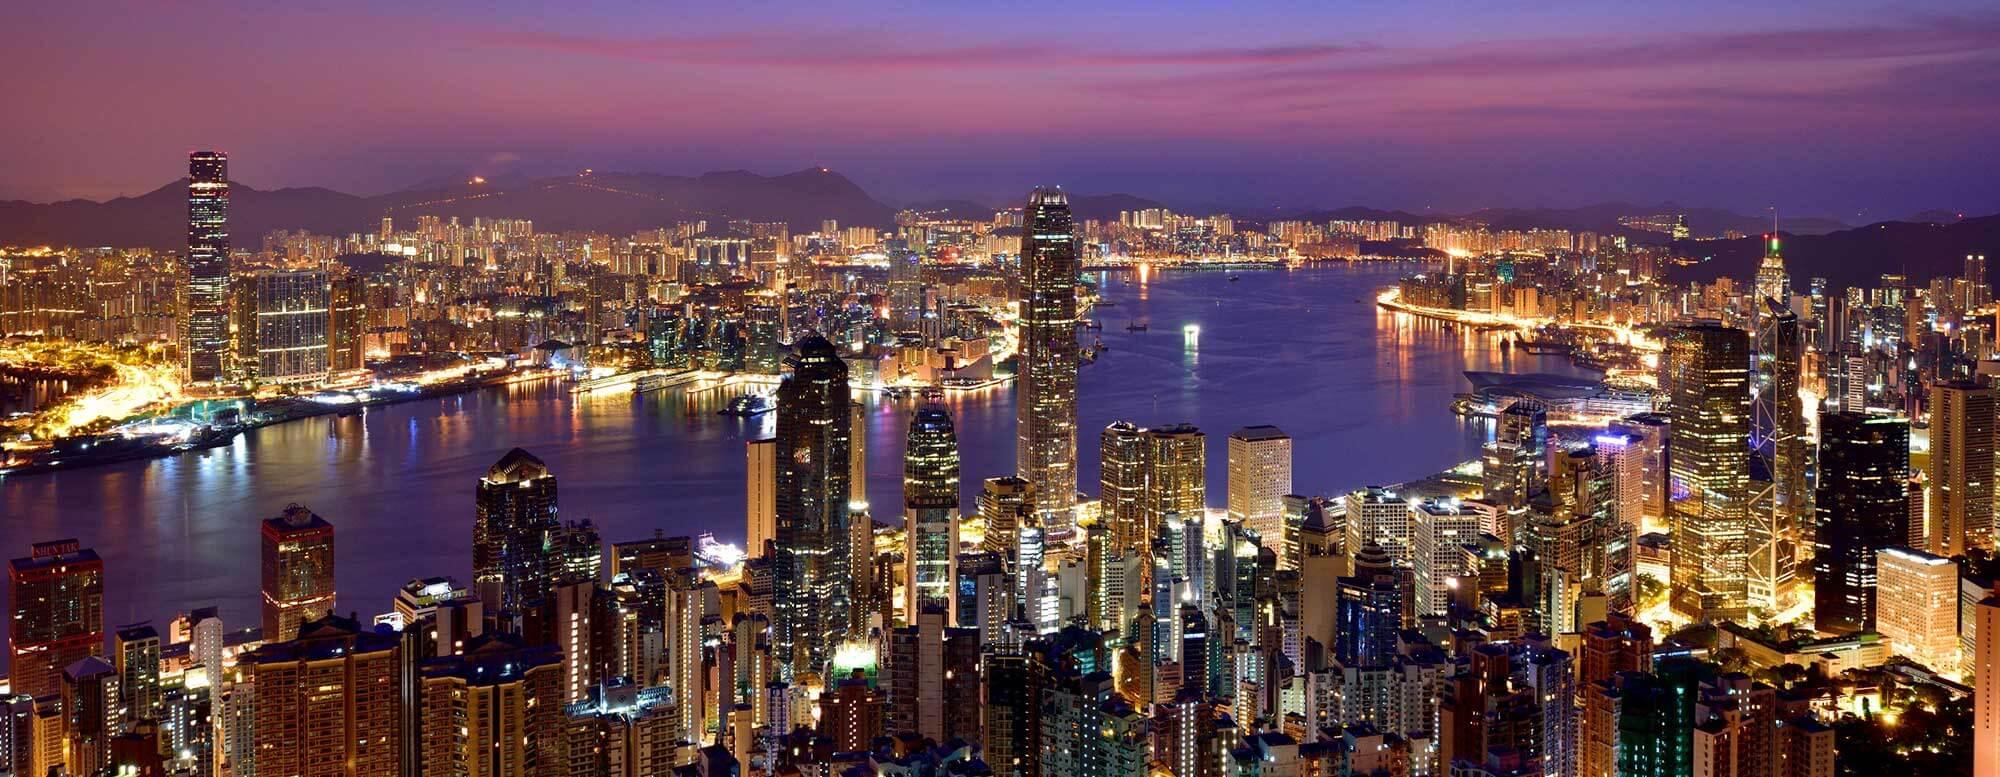 香港の基本情報 | 香港経済貿易代表部公式サイト